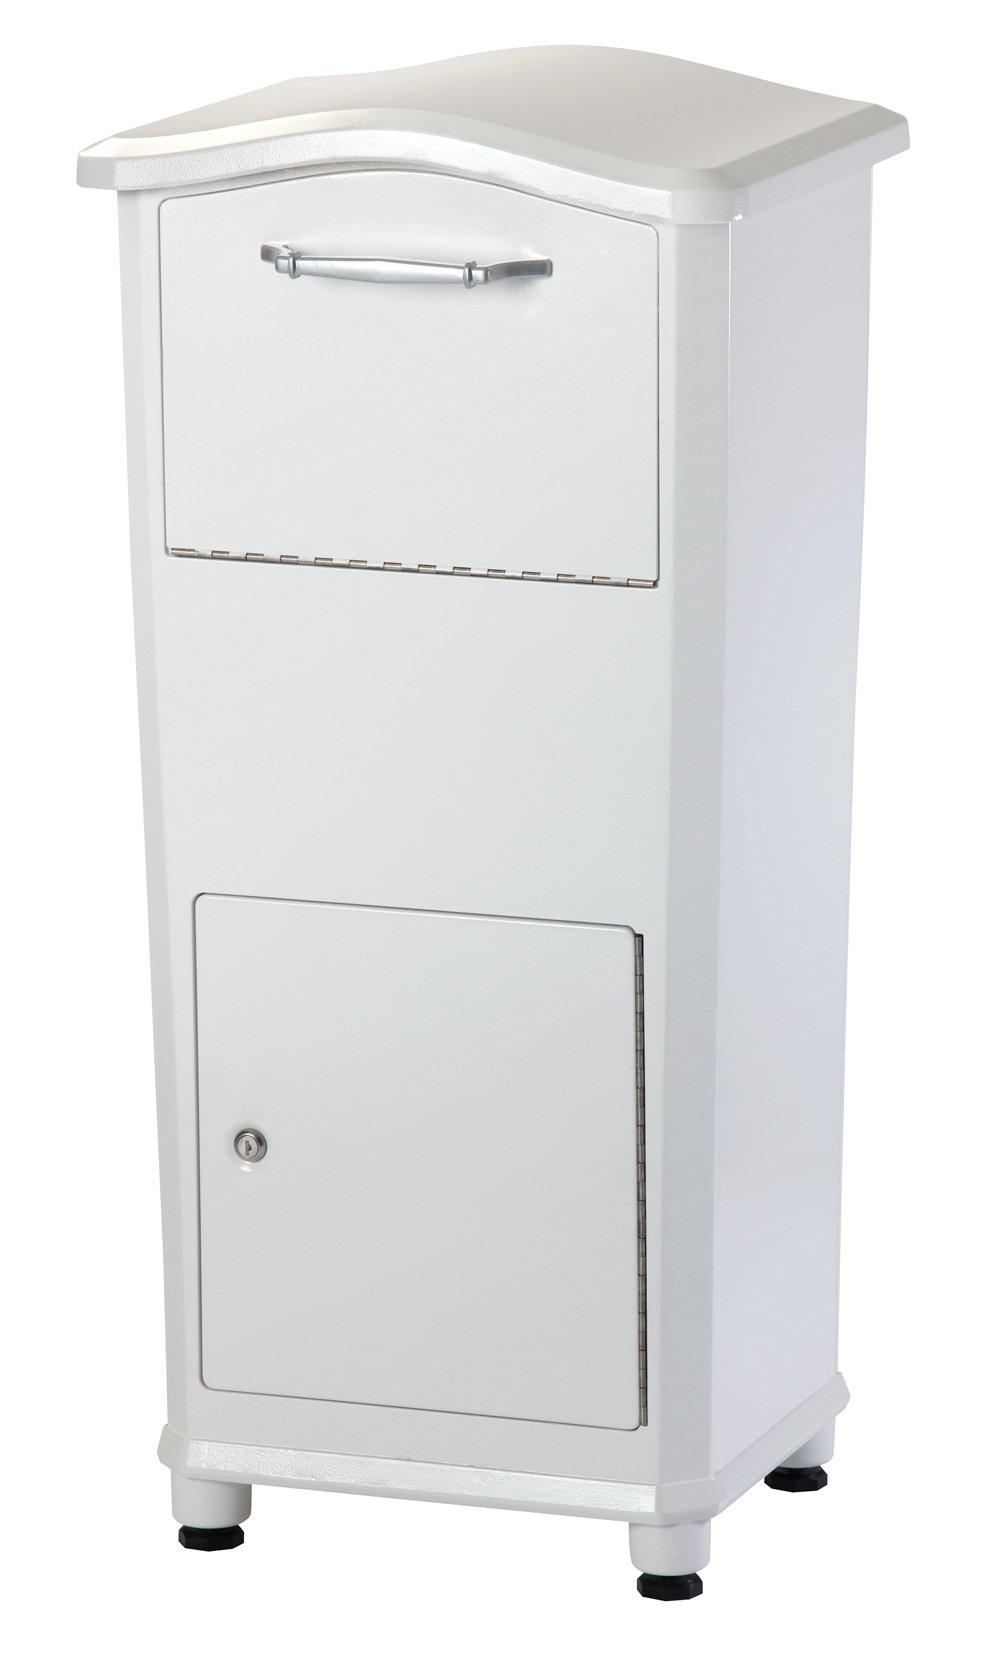 Architectural Mailboxes 6900W Elephantrunk Parcel Drop Box, White by ARCHITECTURAL MAILBOXES